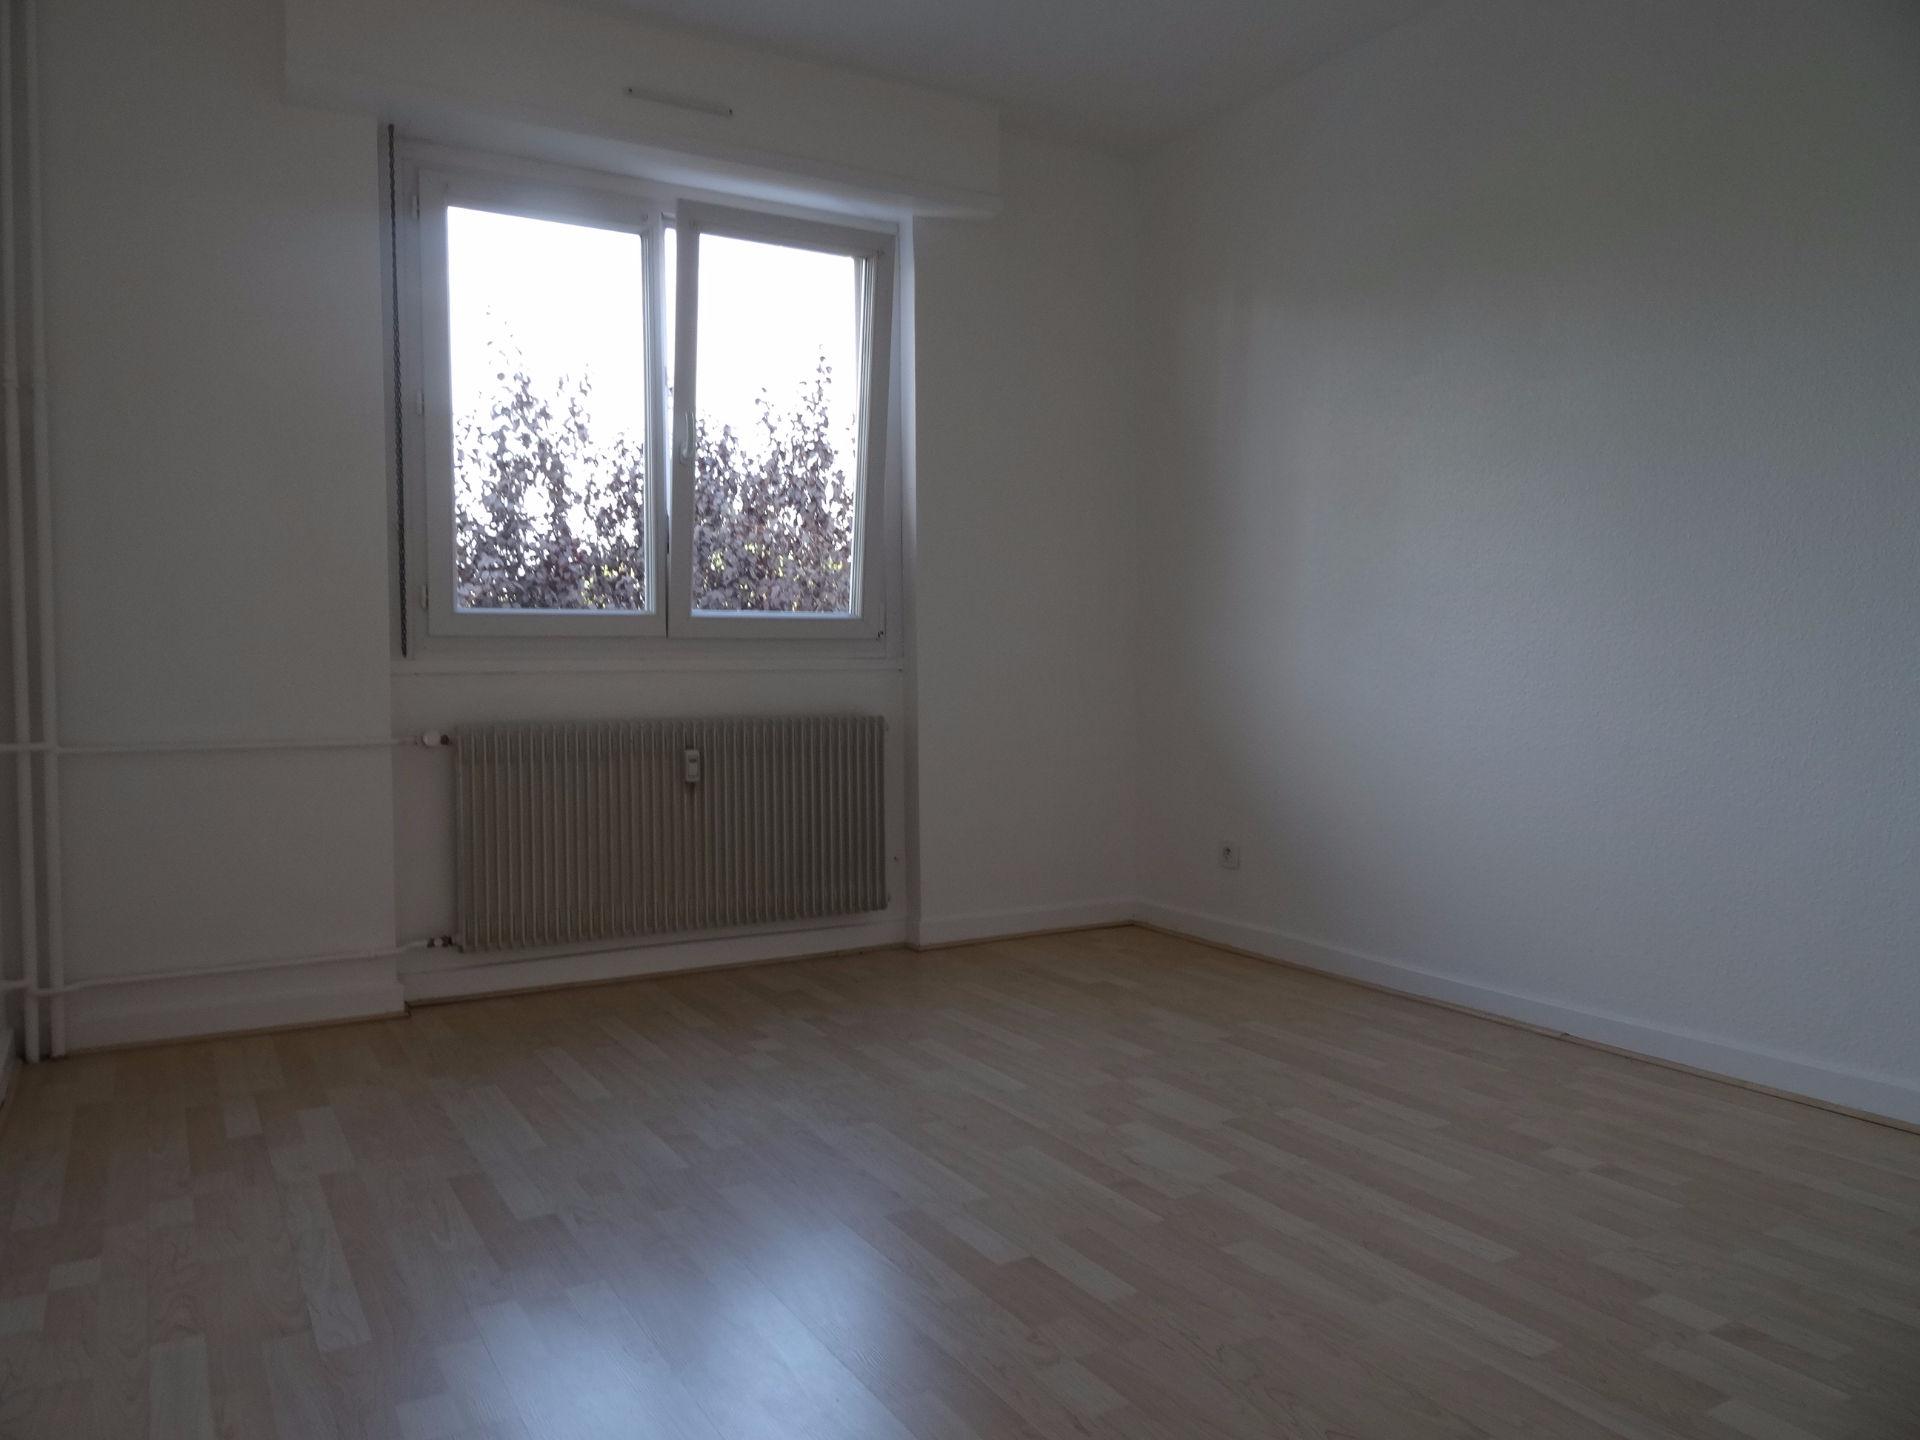 Appartement à louer à Nantes : comment doit se dérouler une visite ?